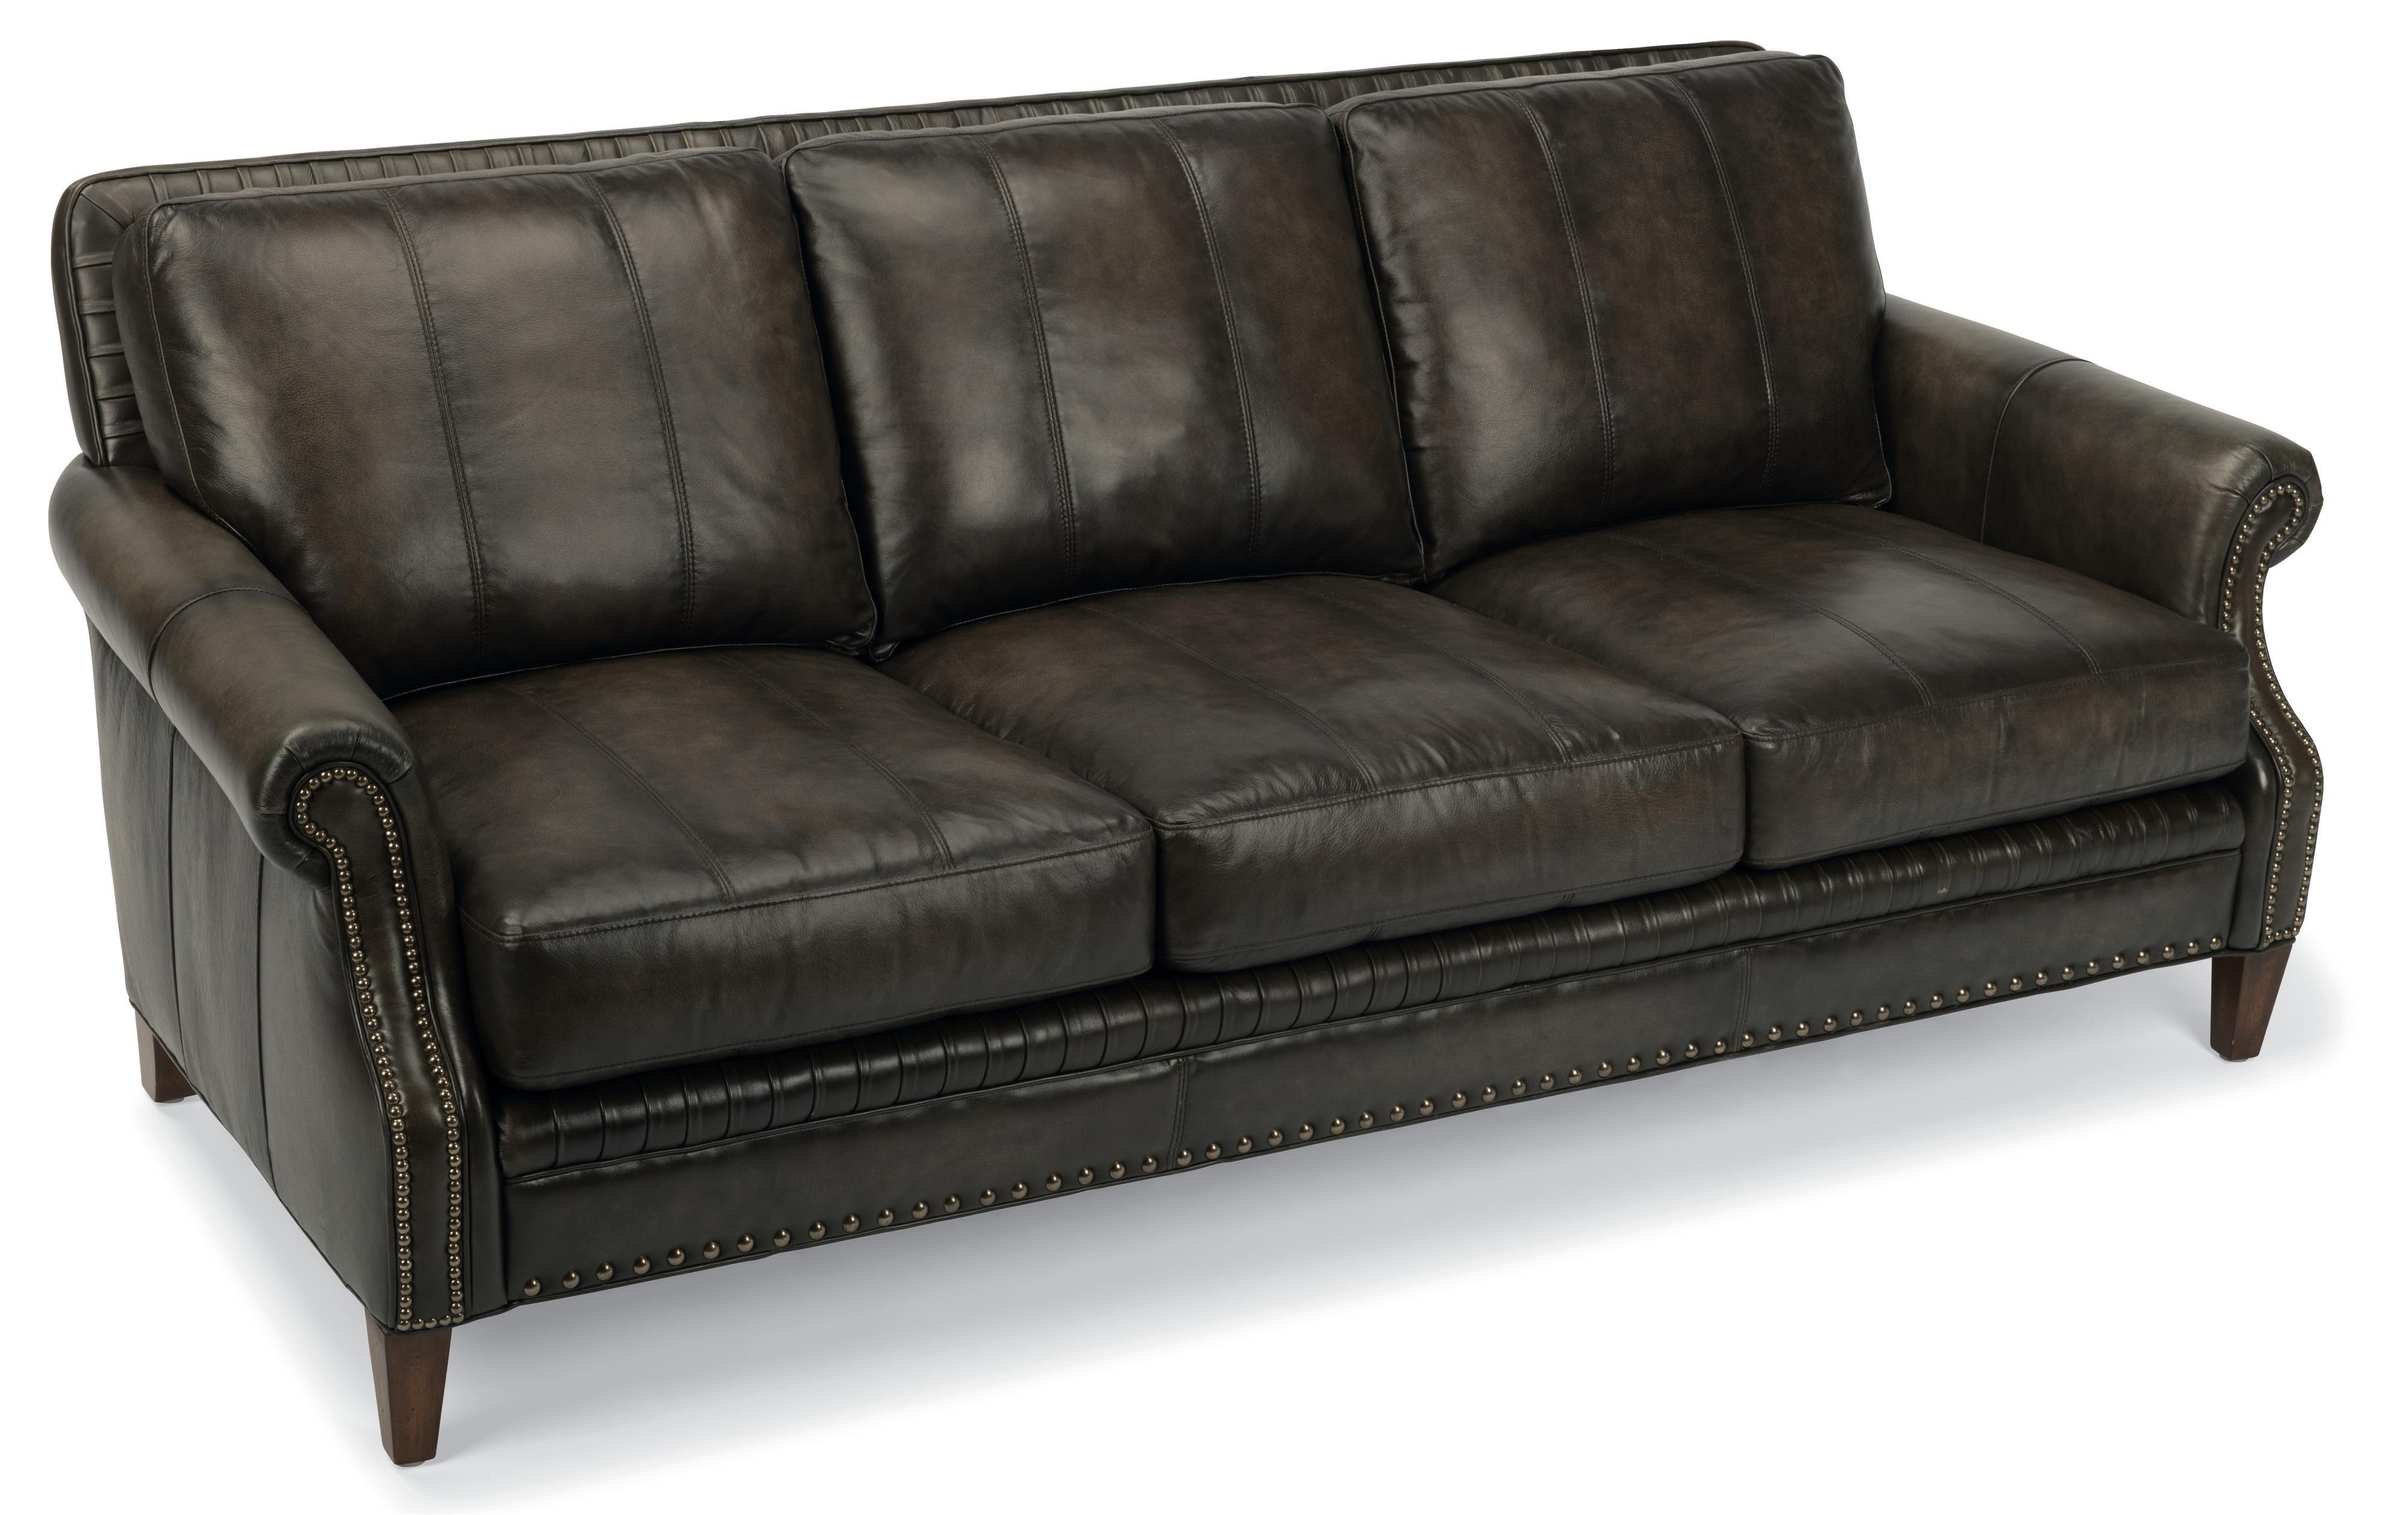 Flexsteel Latitudes-Daltry Sofa - Item Number: 1213-31-836-02